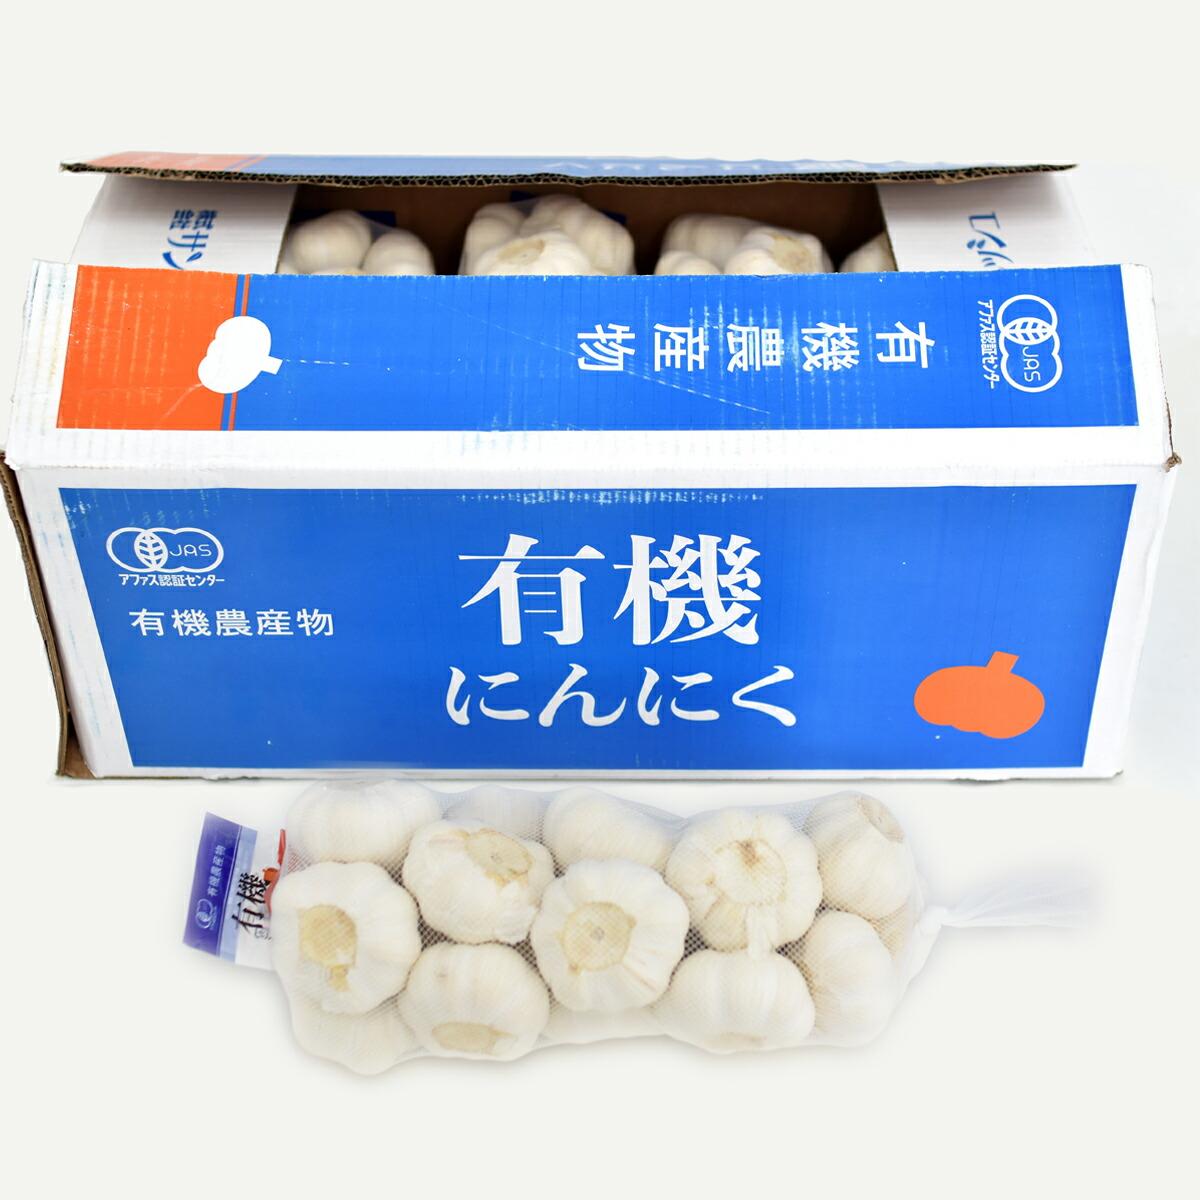 有機にんにく 1kg×10ネット 食用におすすめ 中国産 上海嘉定種(ホワイト)